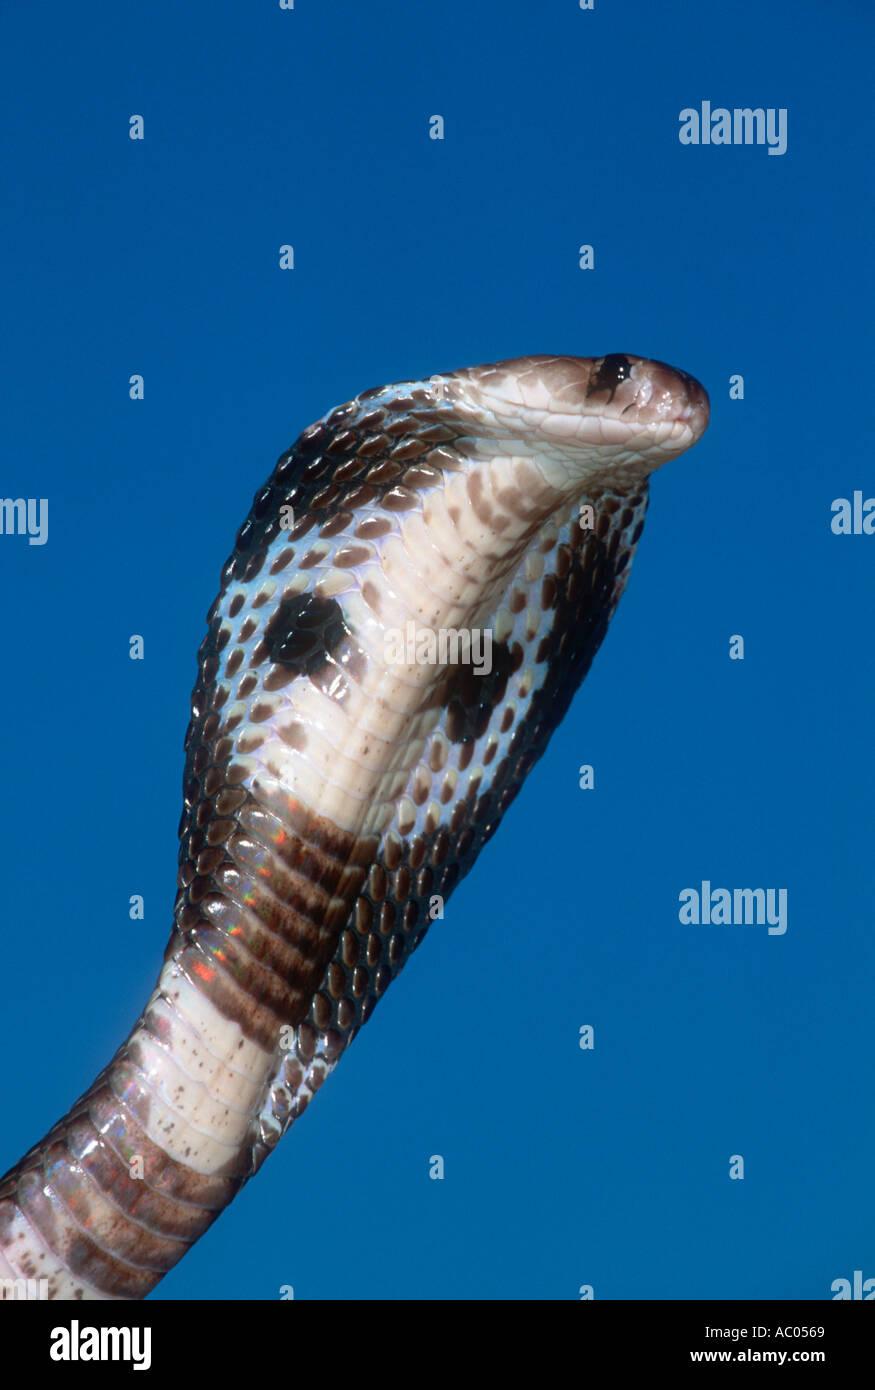 Spectacled cobra Naja naja or Common Cobra, Asian Cobra, Indian Cobra,Distribution Asia - Stock Image